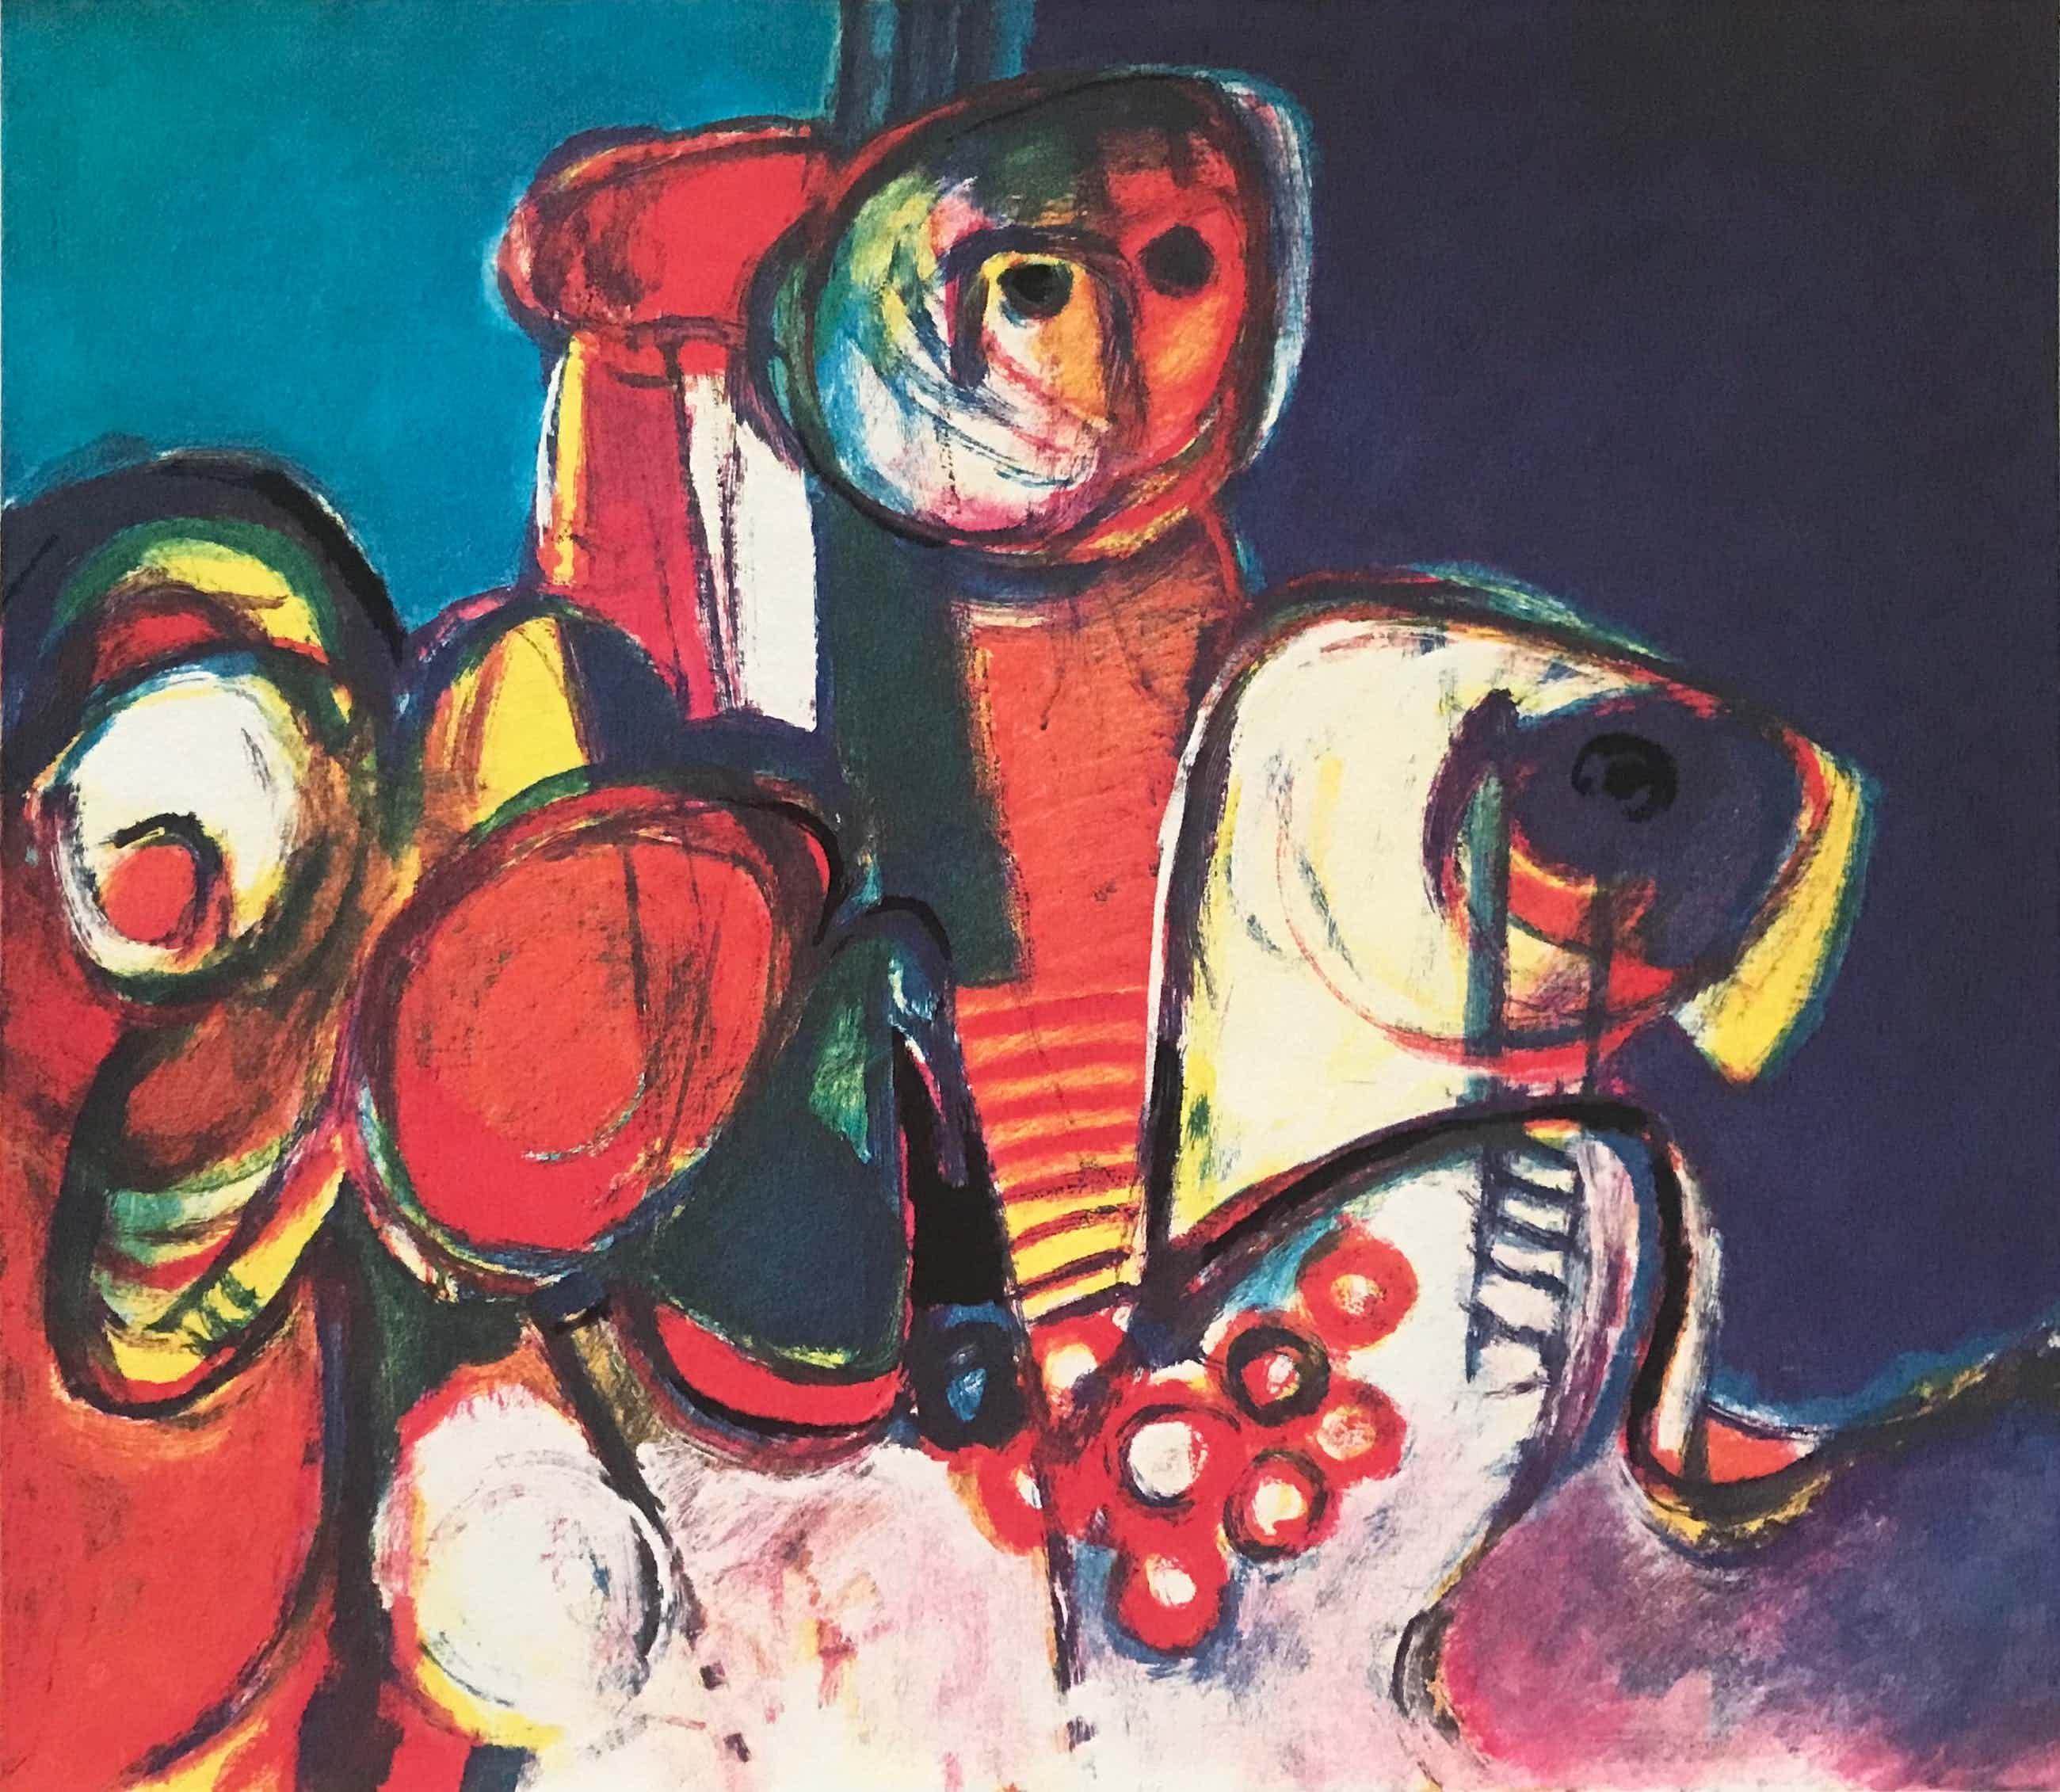 Jan Cobbaert - Gesigneerde kleurenzeefdruk - 23/125 - 1978 kopen? Bied vanaf 300!